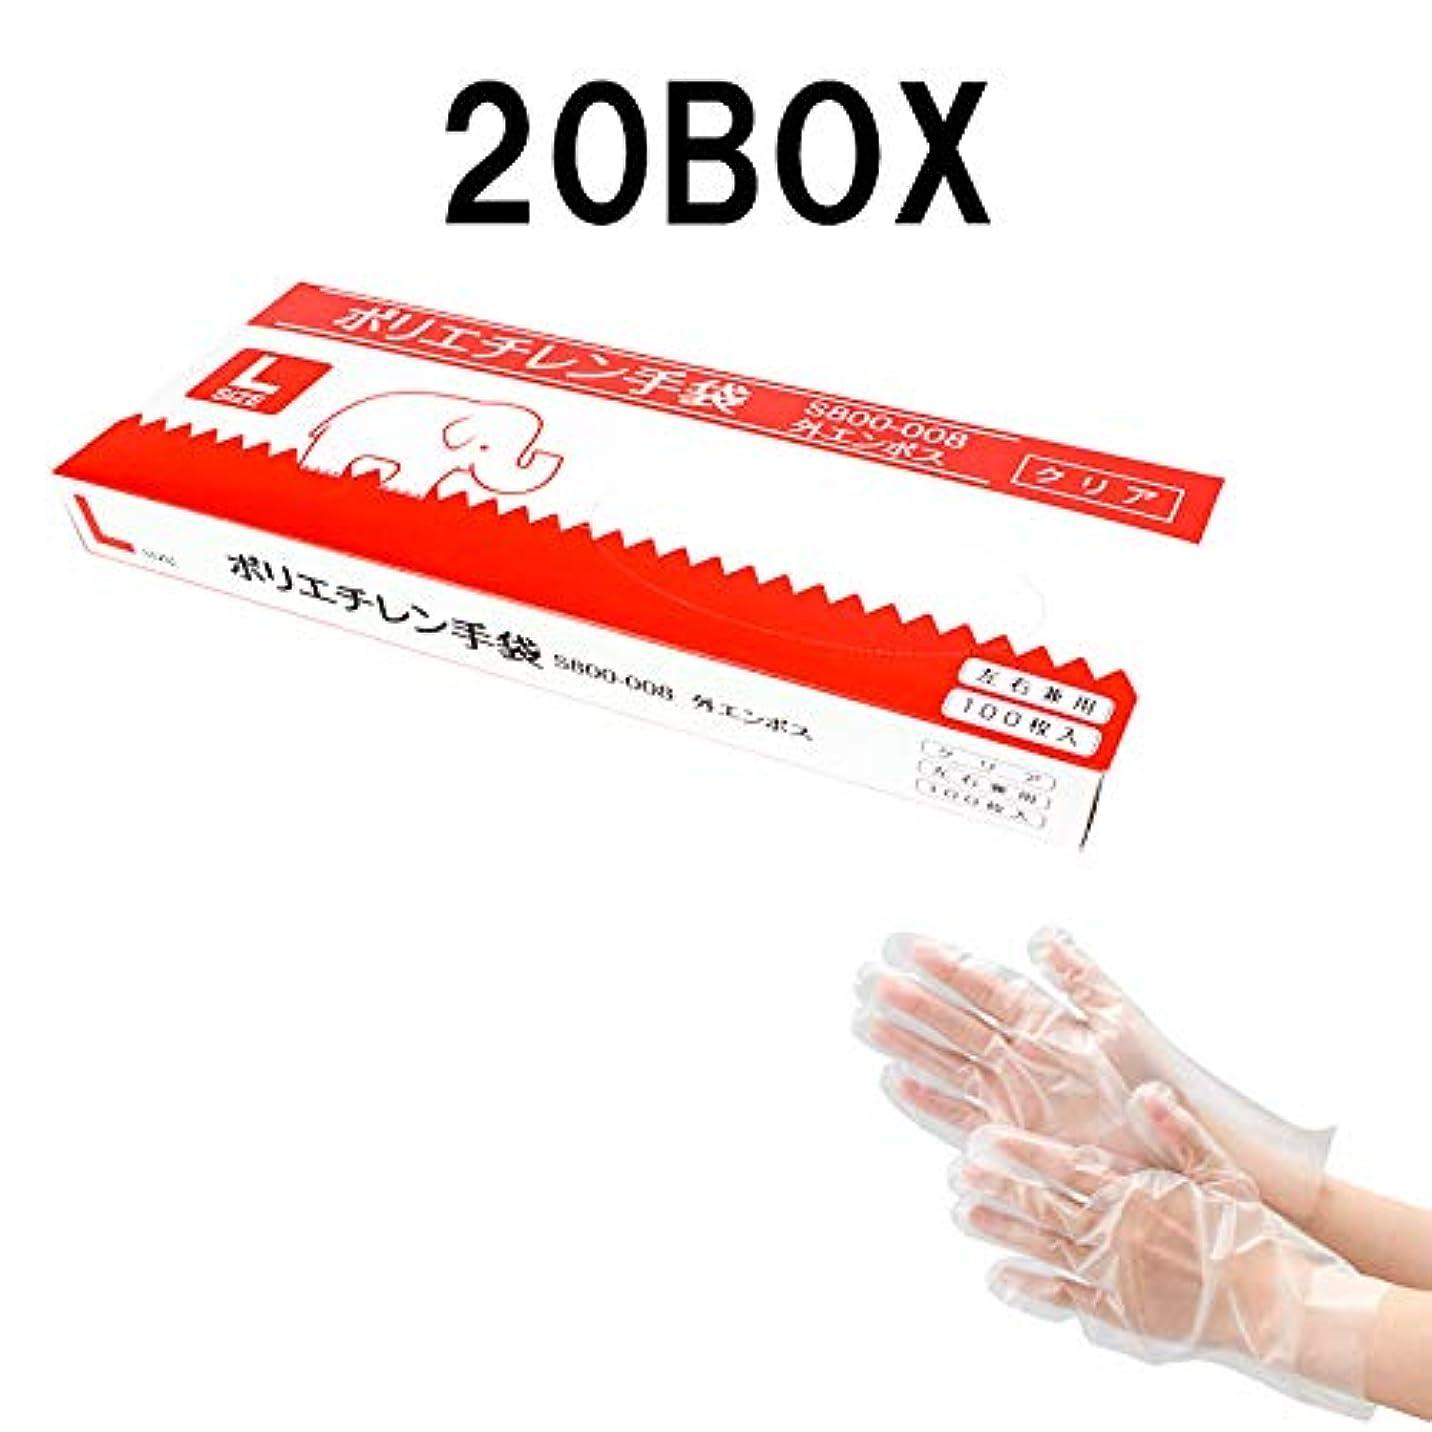 砂利兵隊グレード(2000枚) 使い捨て ポリエチレン手袋 Lサイズ 100枚入り×20BOX クリア色 左右兼用 外エンボス 食品衛生法適合品